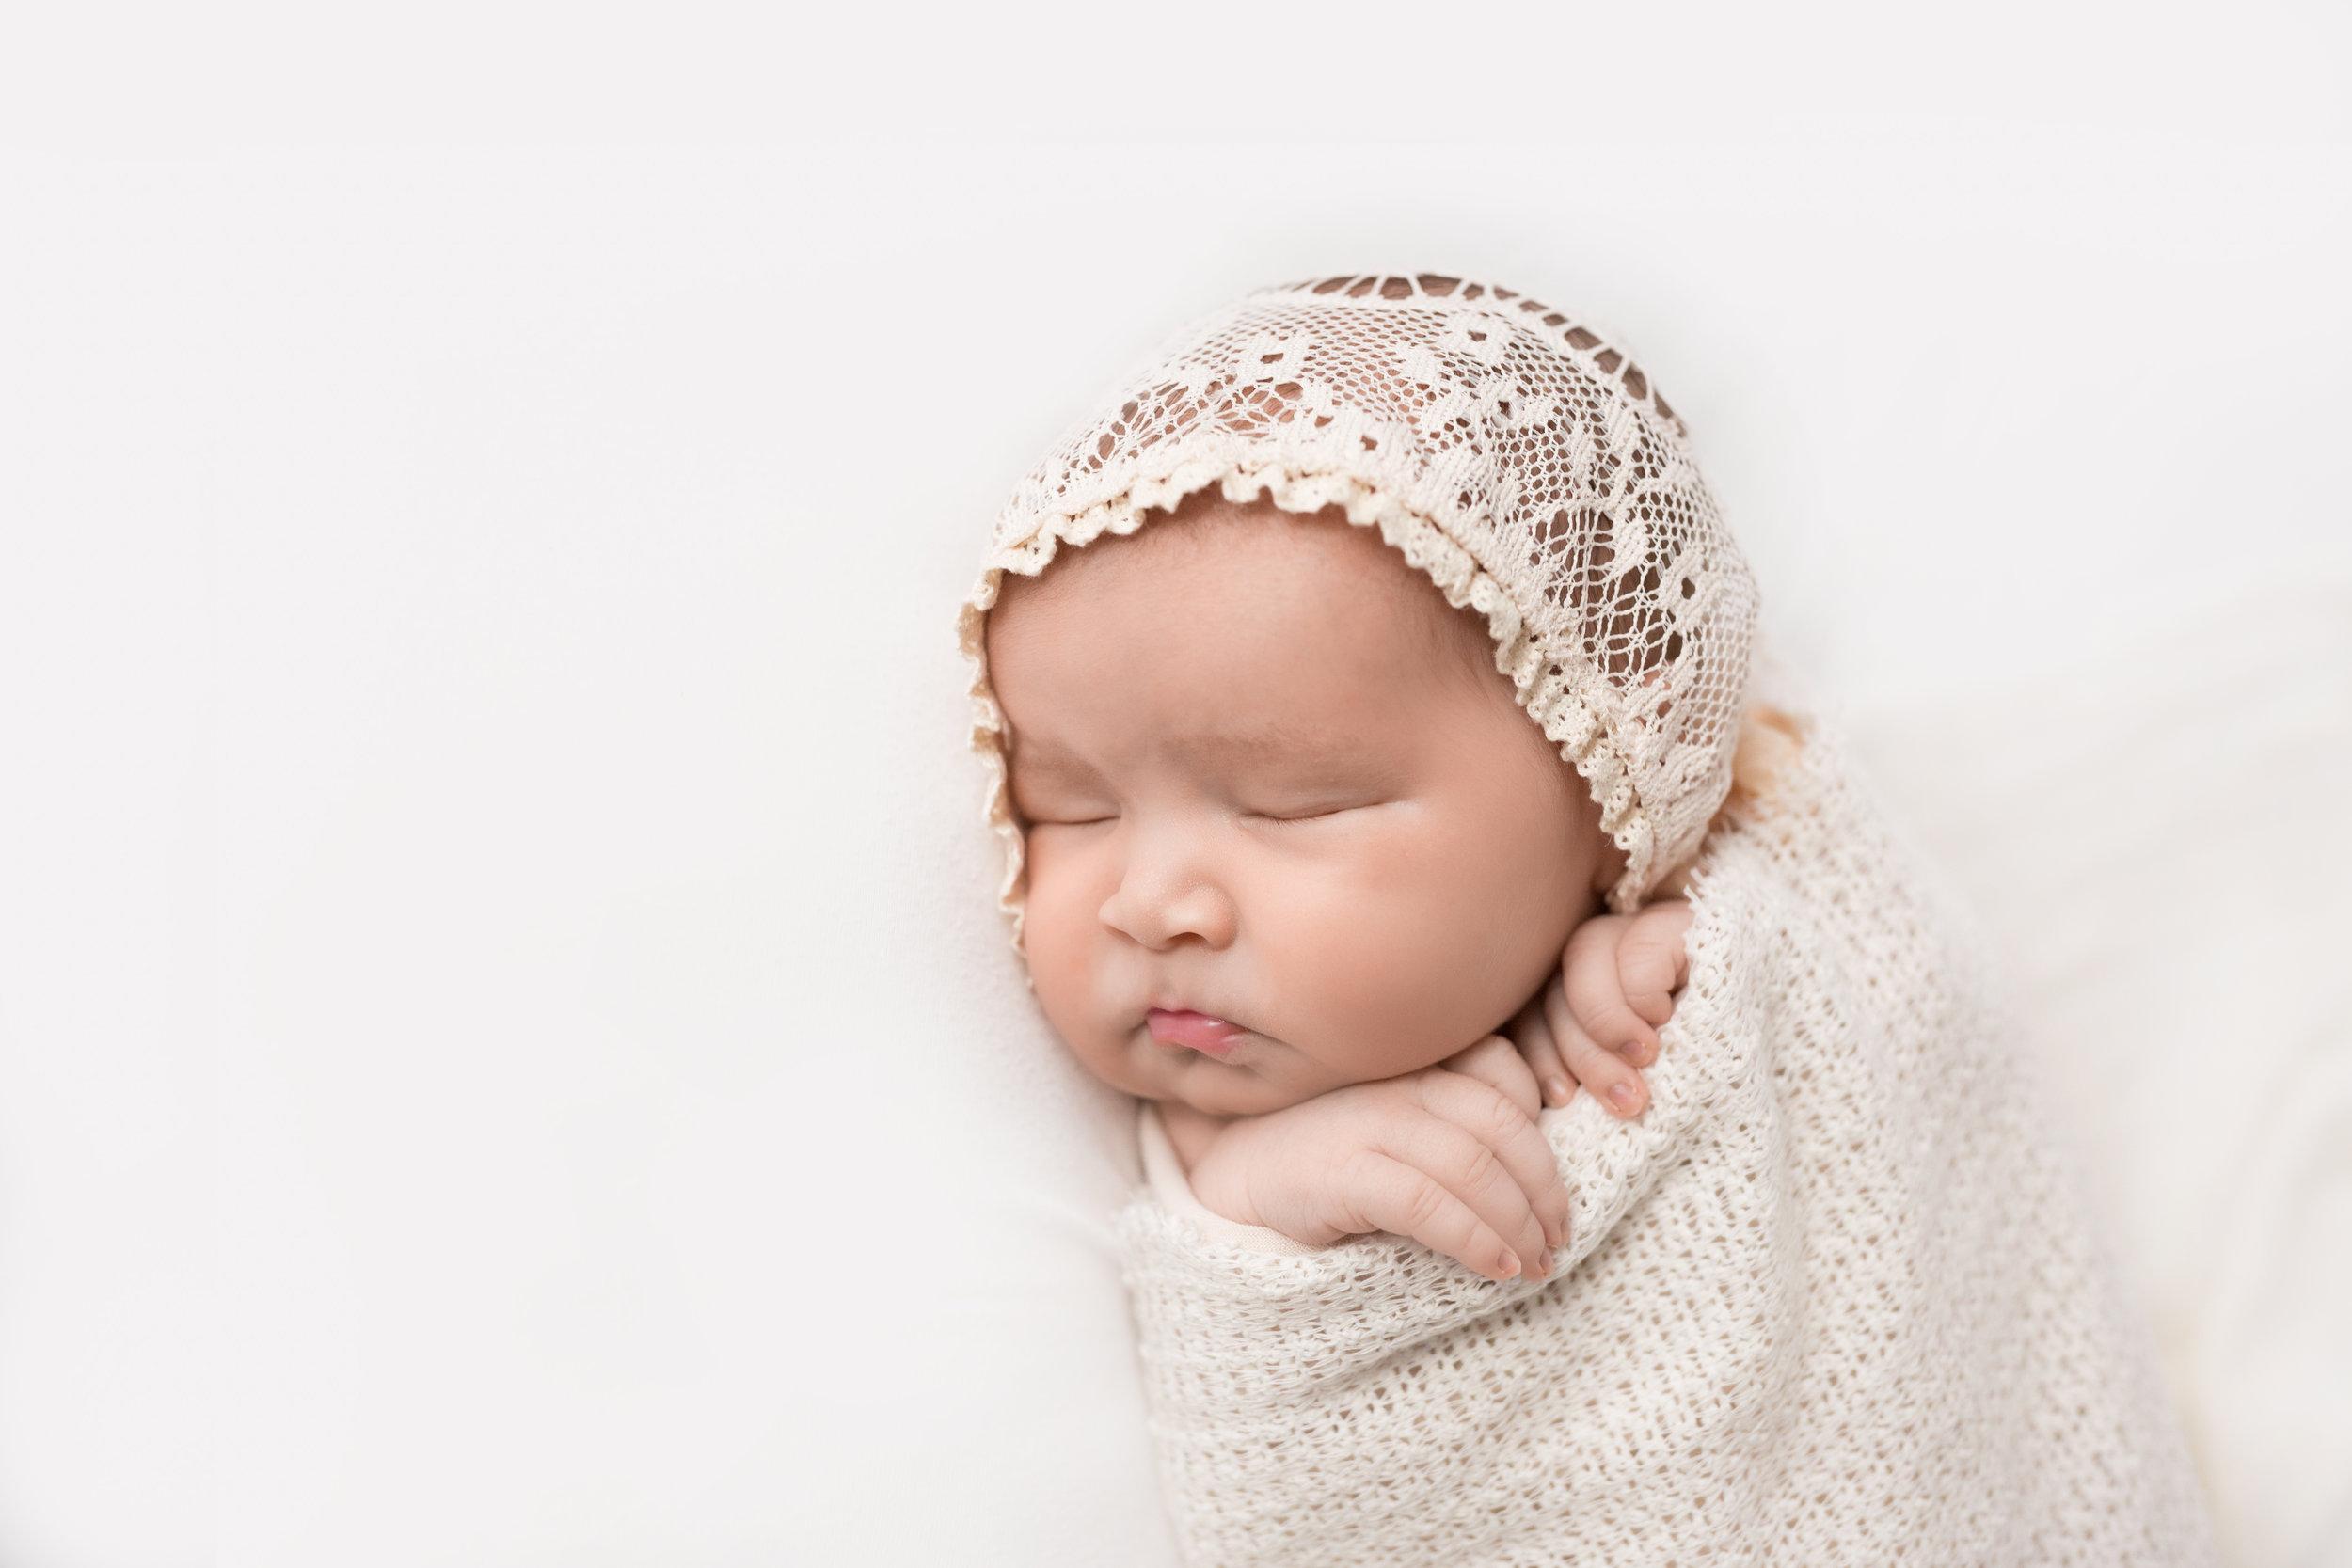 Austen s Newborn Photos-Austen-0026.jpg